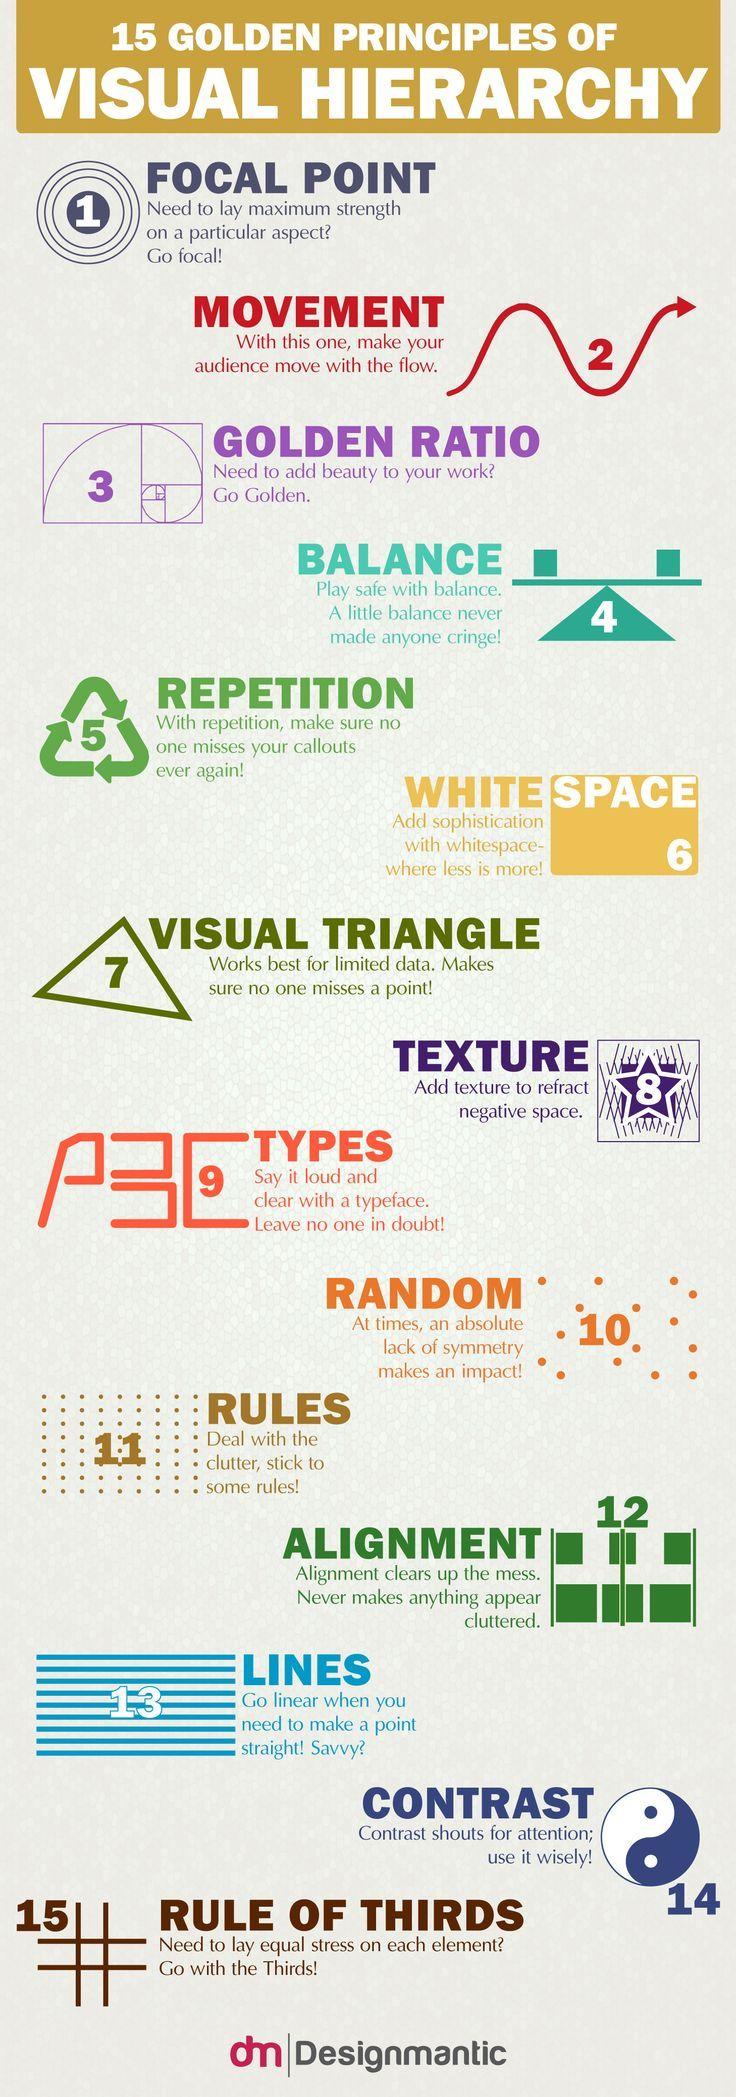 La jerarquía visual es un concepto que debemos de tener muy en cuenta a la hora de elaborar nuestros discursos gráficos.